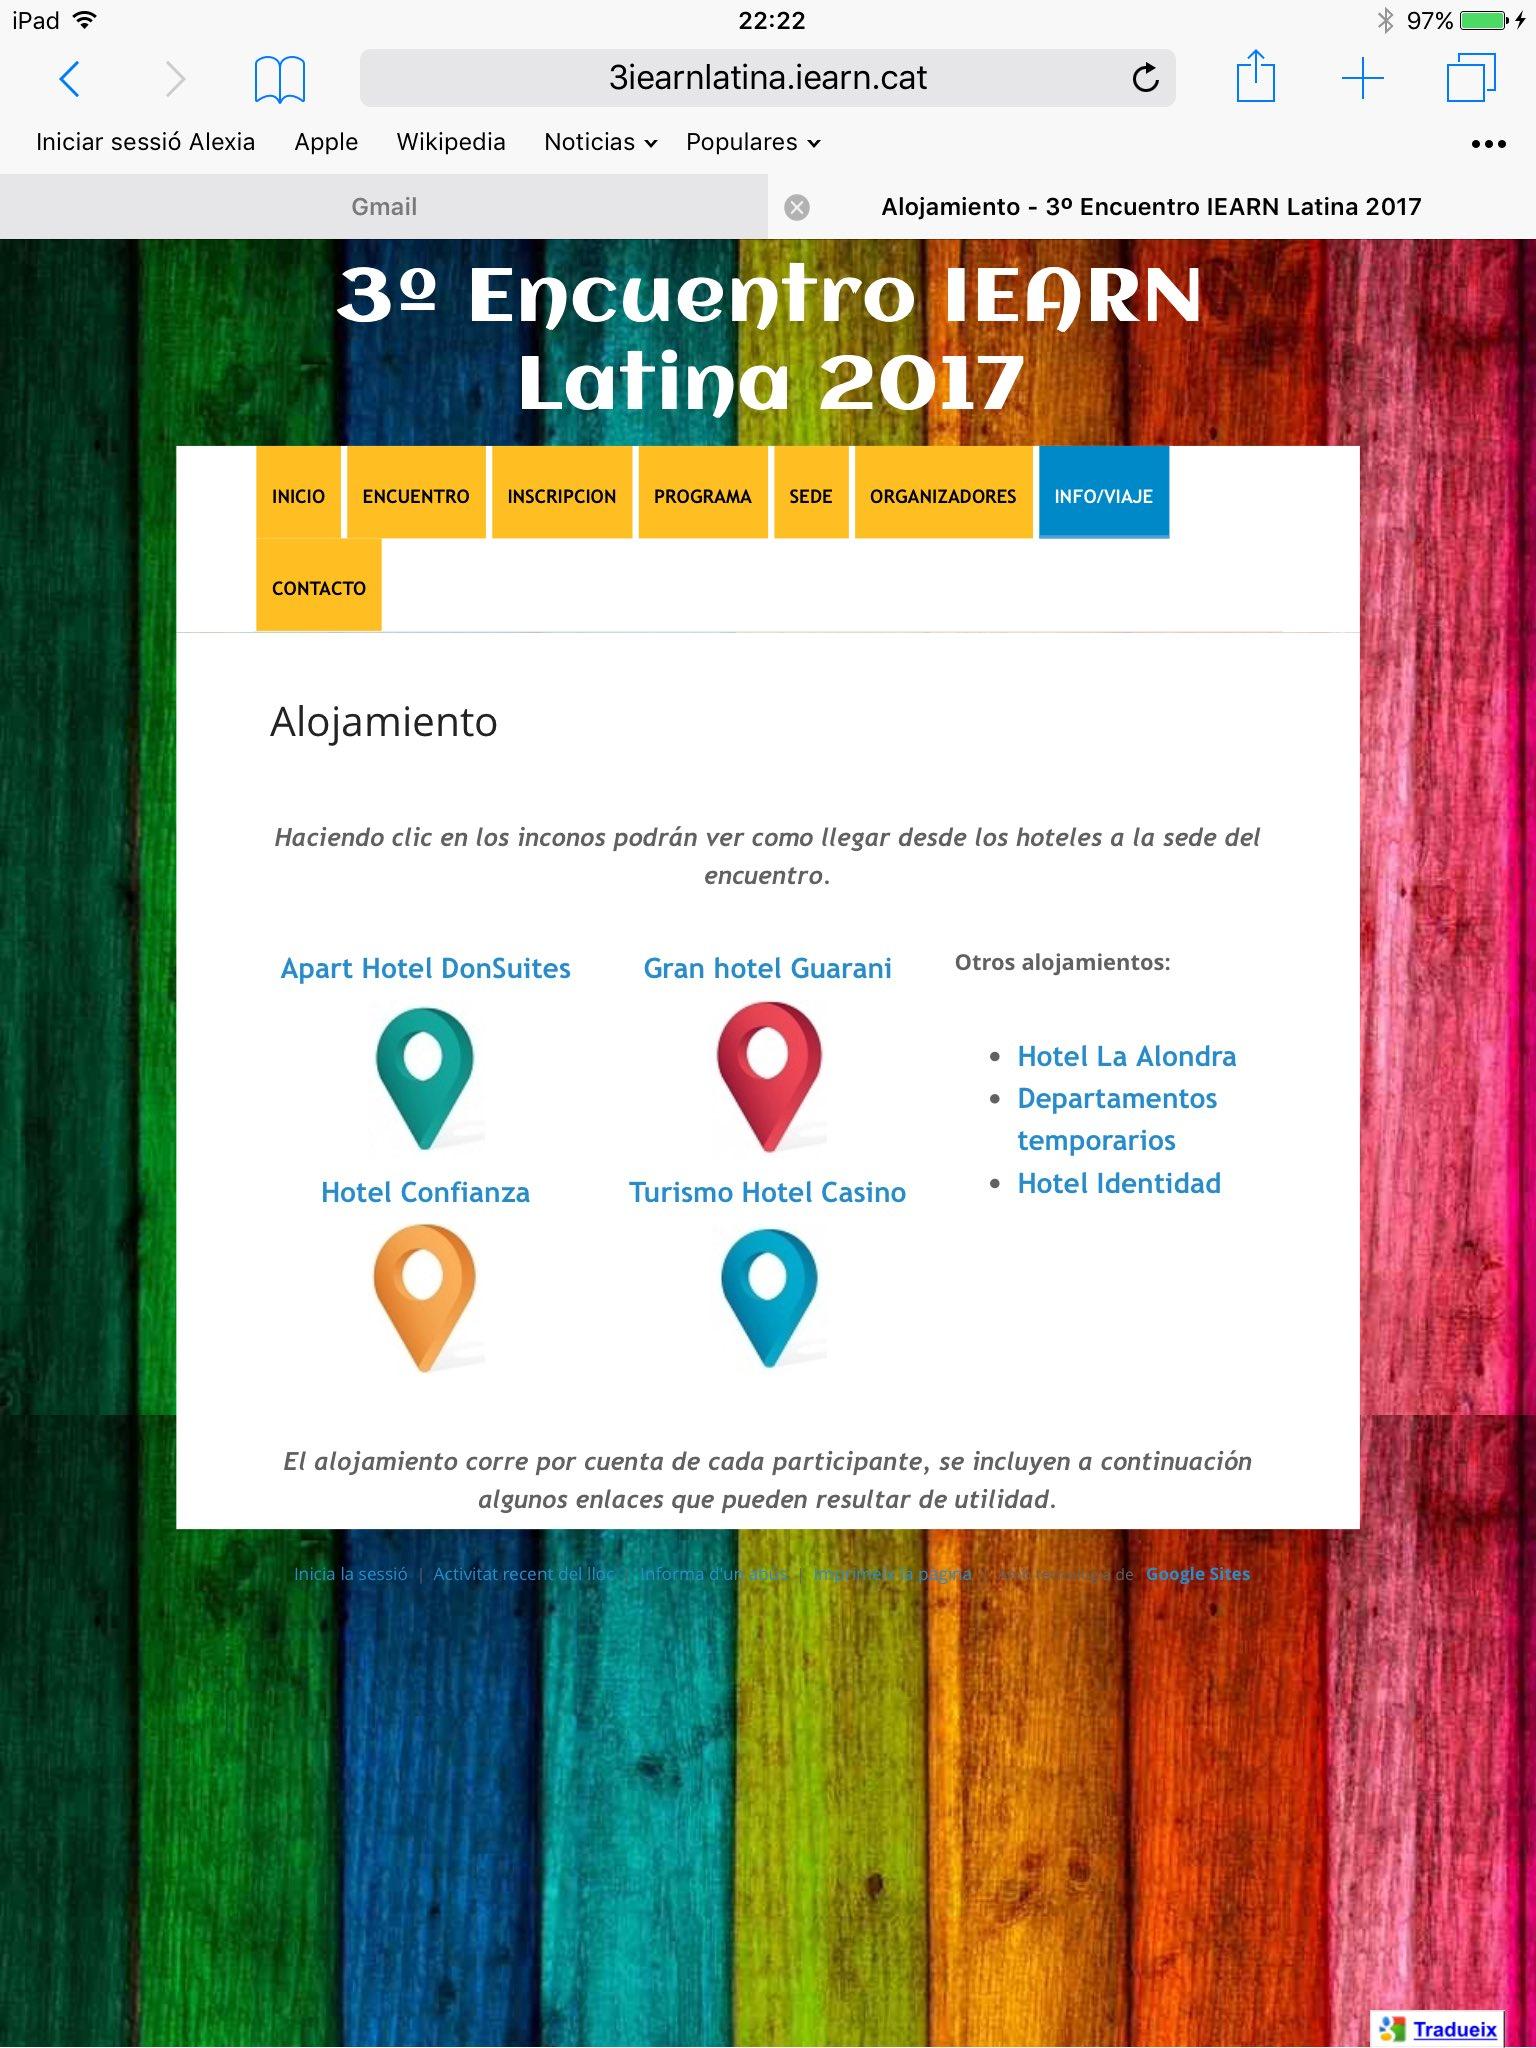 Actualització de la web #iearnlatina2017: localització hotels Corrientes: https://t.co/7jHRDzQeLG https://t.co/UfDvrmnbxC